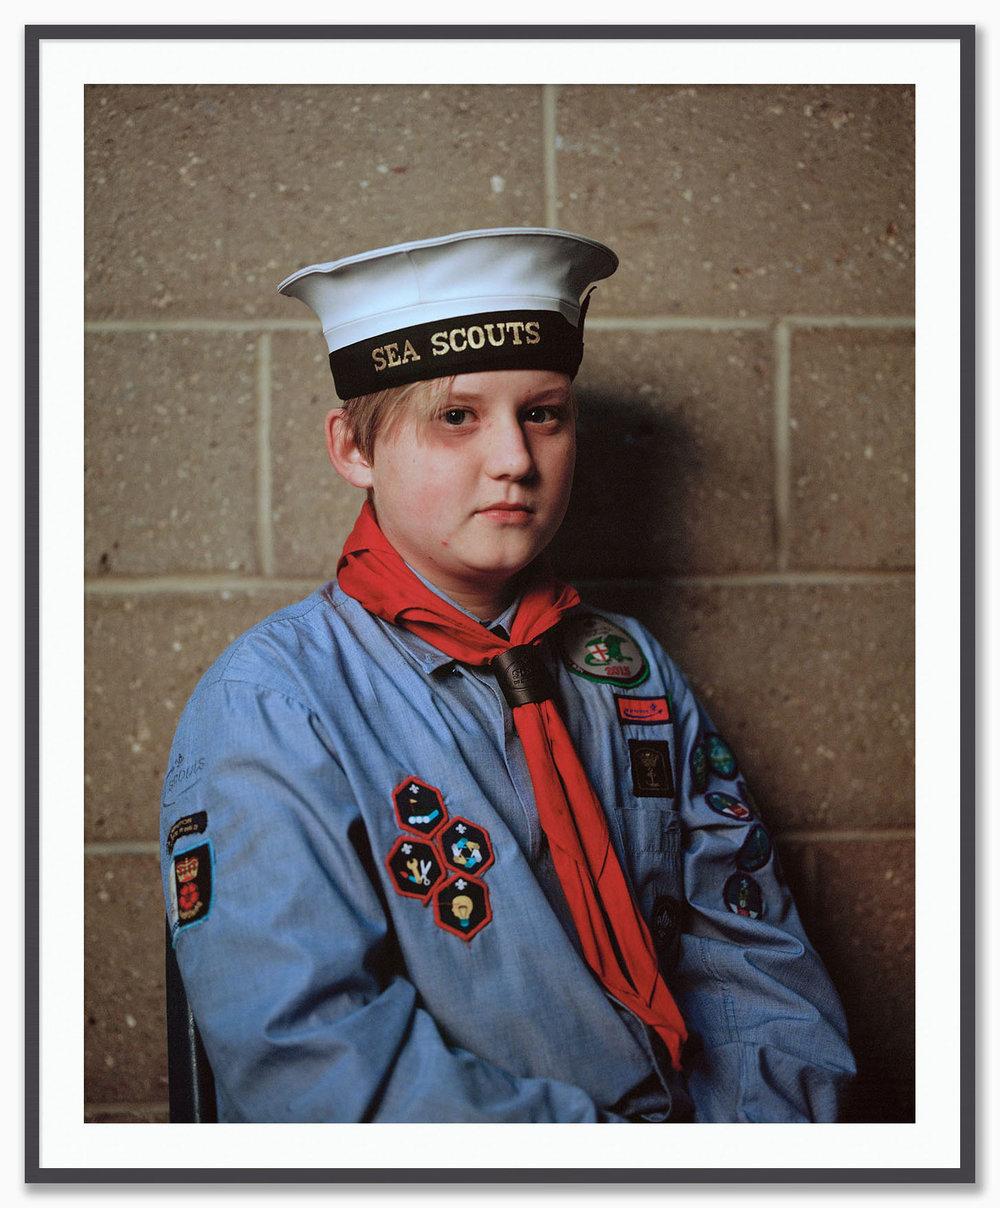 Untitled III. Sea Scout. England. Izzy de Wattripont _Mat_Dusk.jpg